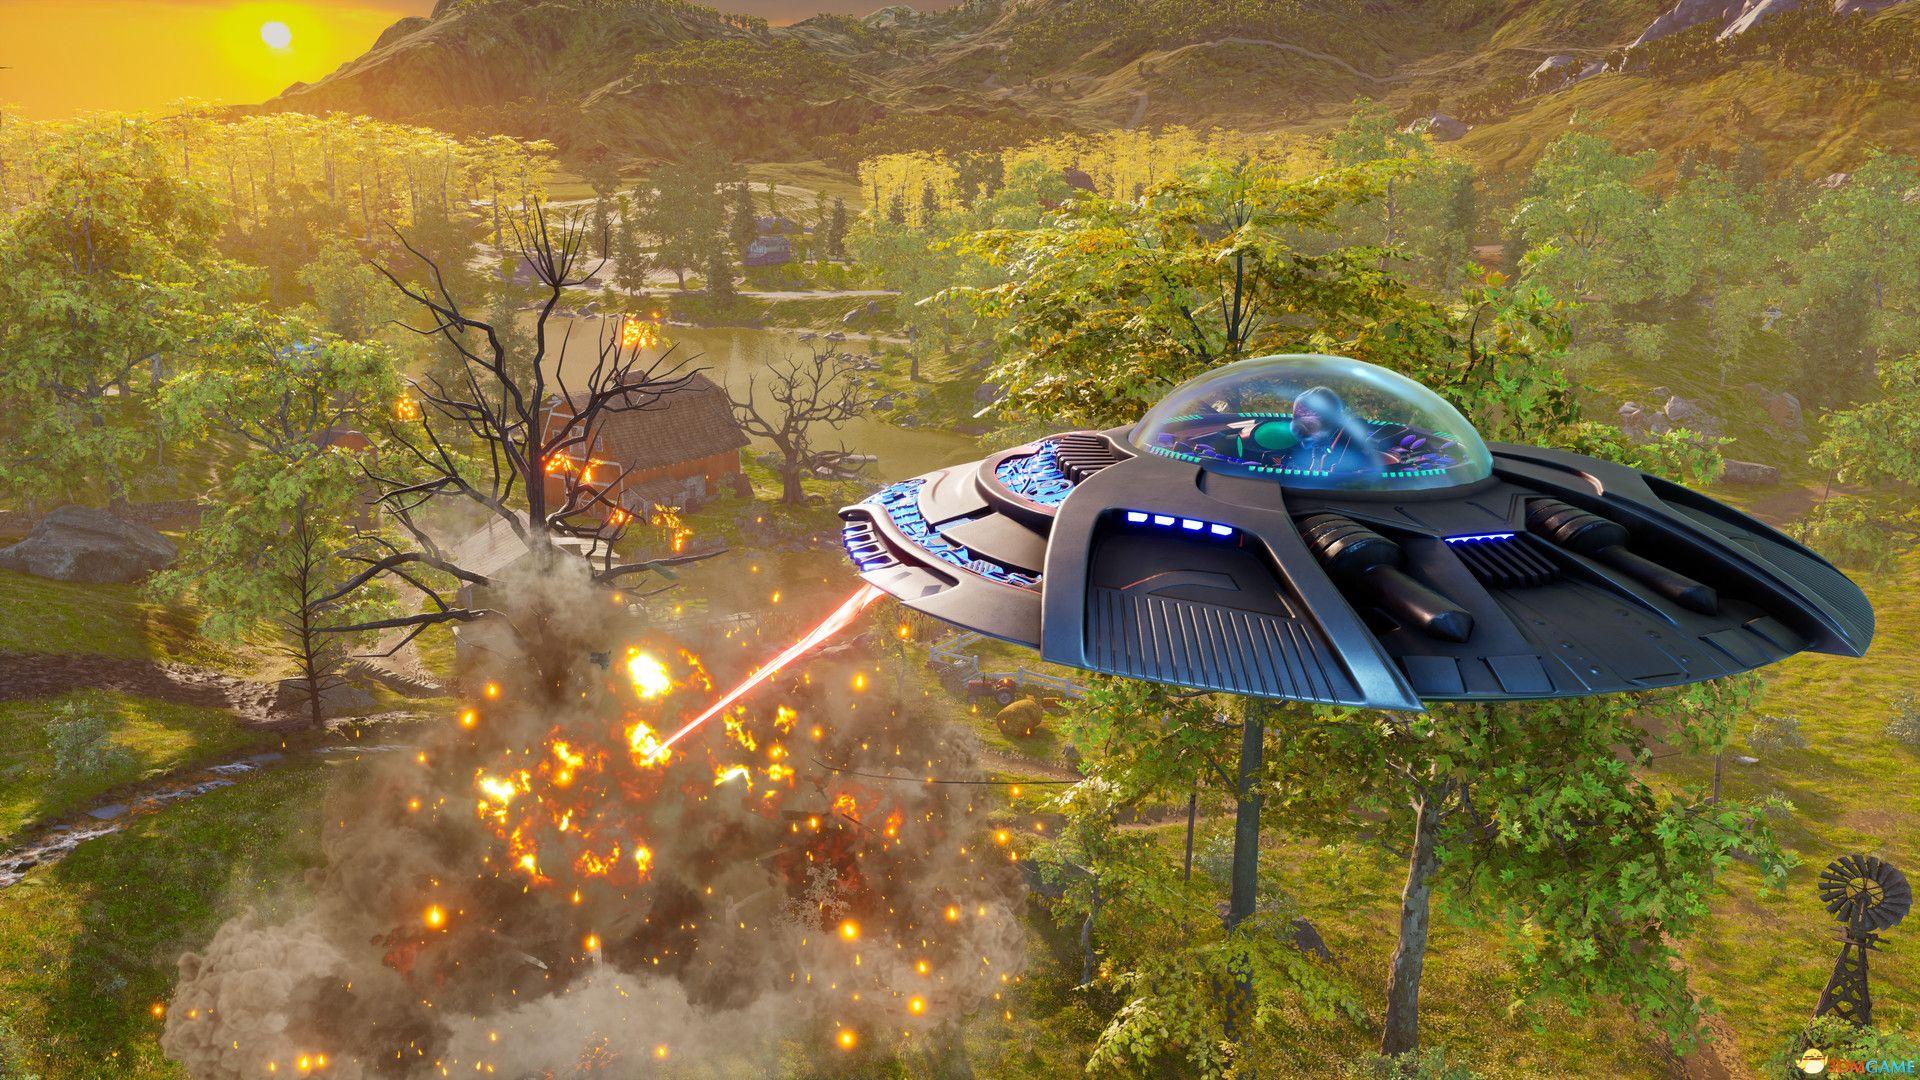 《毁灭全人类:重制版》通关流程攻略视频 全Boss战视频攻略